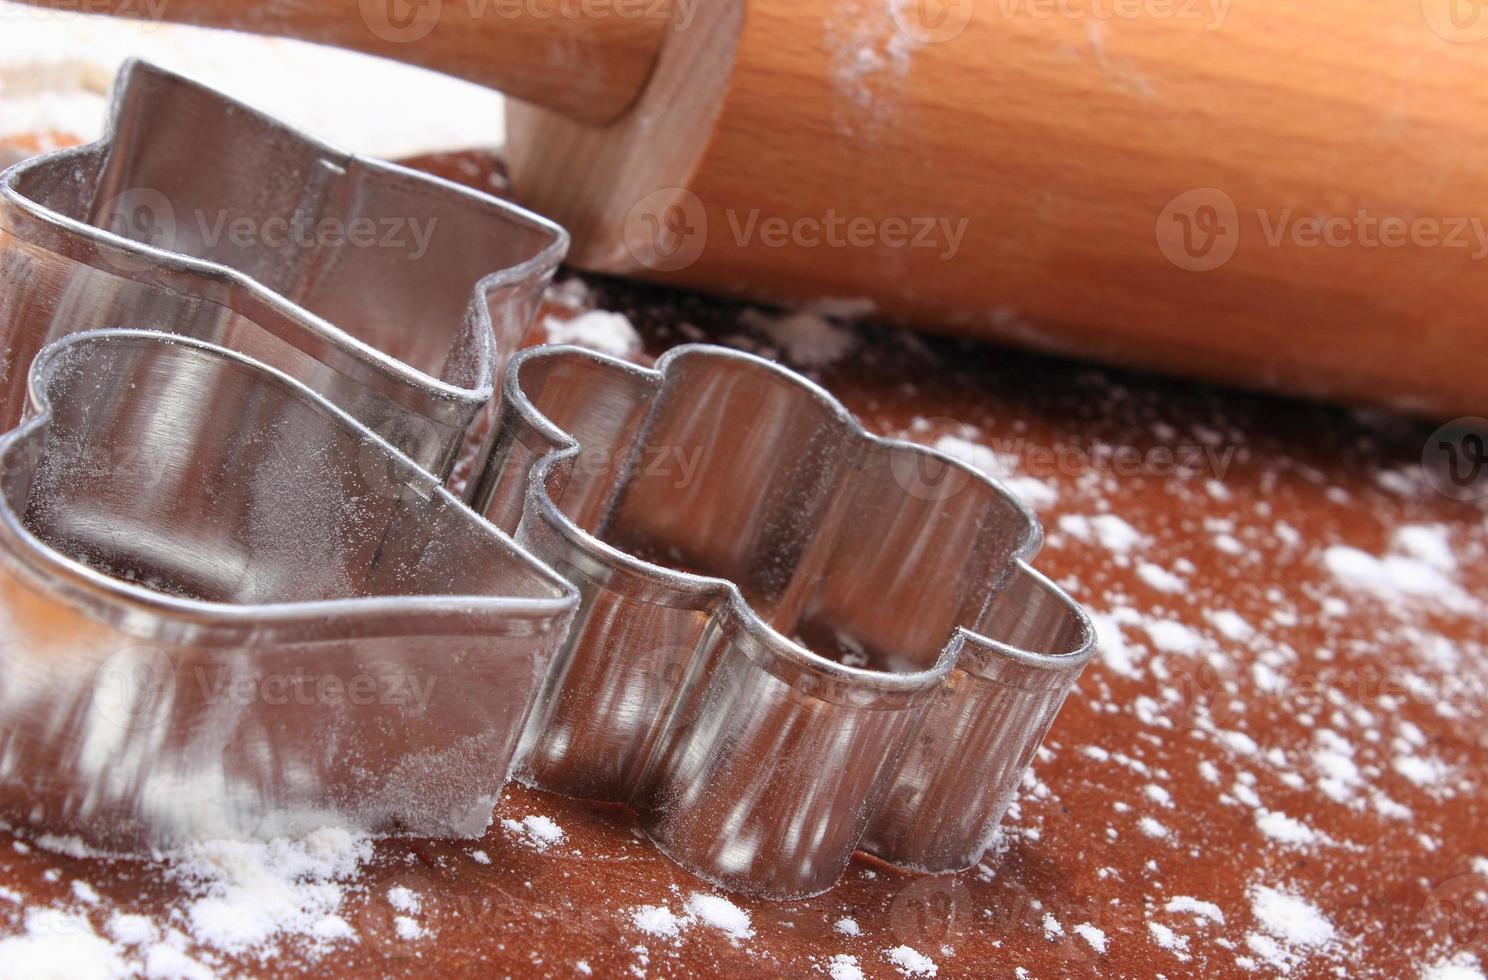 cortadores de galletas y rodillo de masa para galletas foto